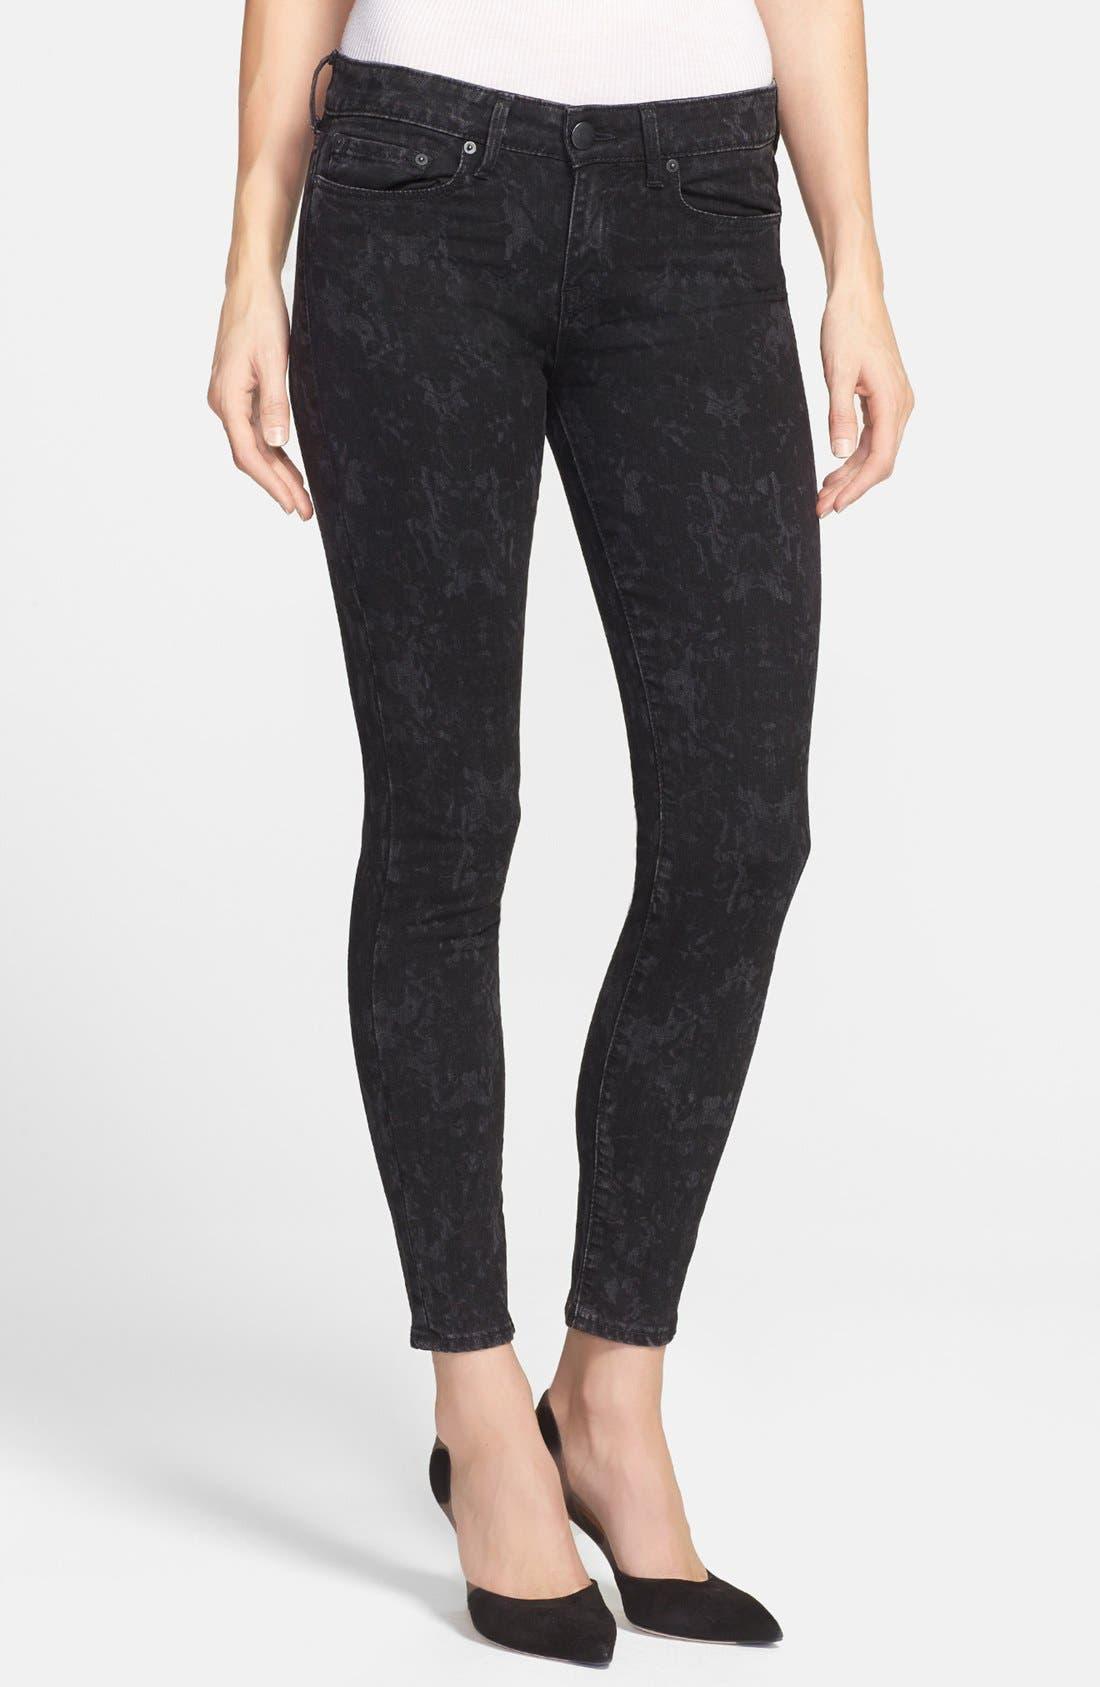 Alternate Image 1 Selected - Vince 'Dylan' Ankle Skinny Jeans (Black Floral)